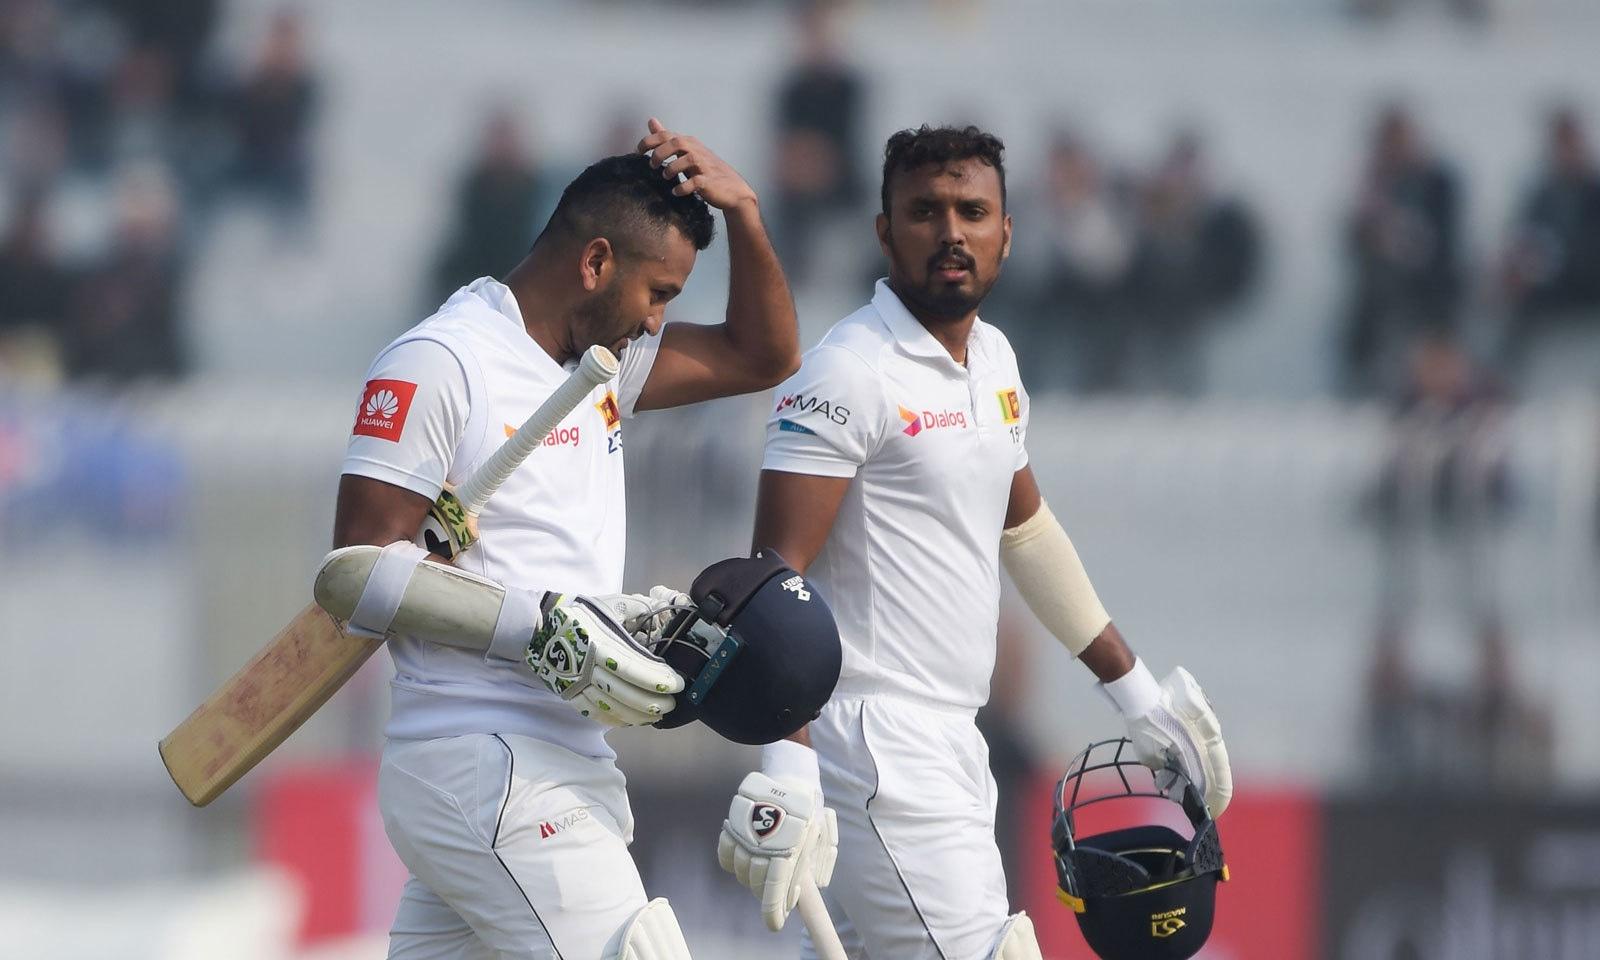 سری لنکن اوپنرز دمتھ کرونارتنے اور اوشادا فرنینڈو نے اپنی ٹیم کو 96رنز کا عمدہ آغاز فراہم کیا— فوٹو: اے ایف پی